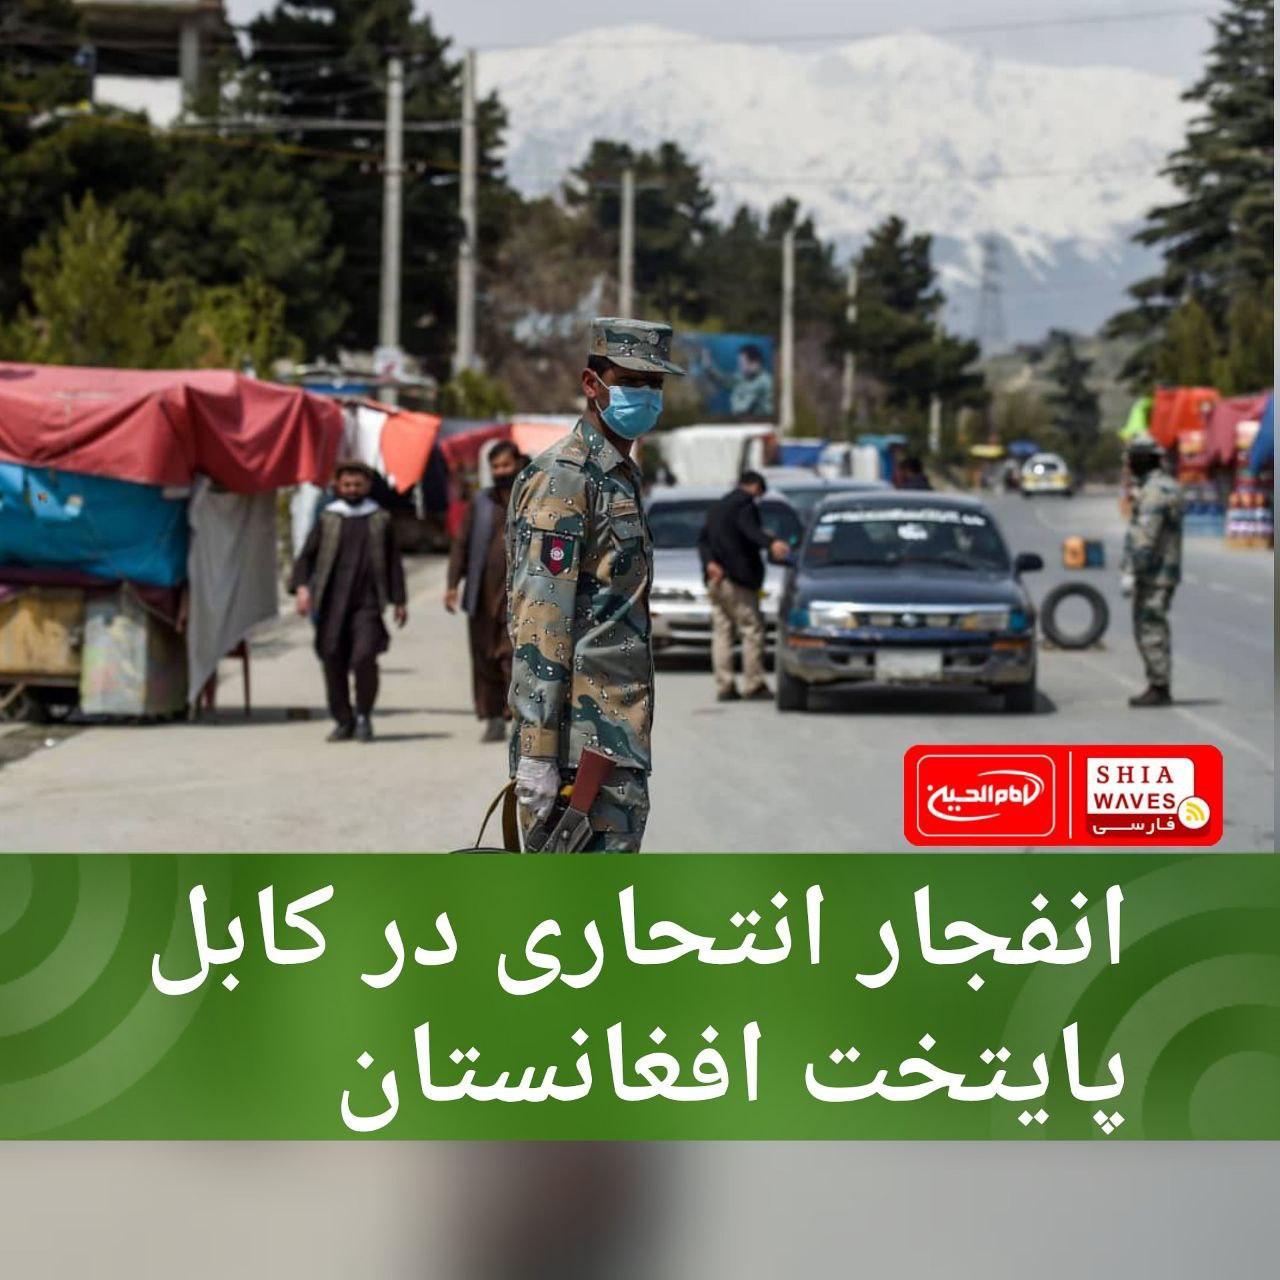 تصویر انفجار انتحاری در کابل پایتخت افغانستان